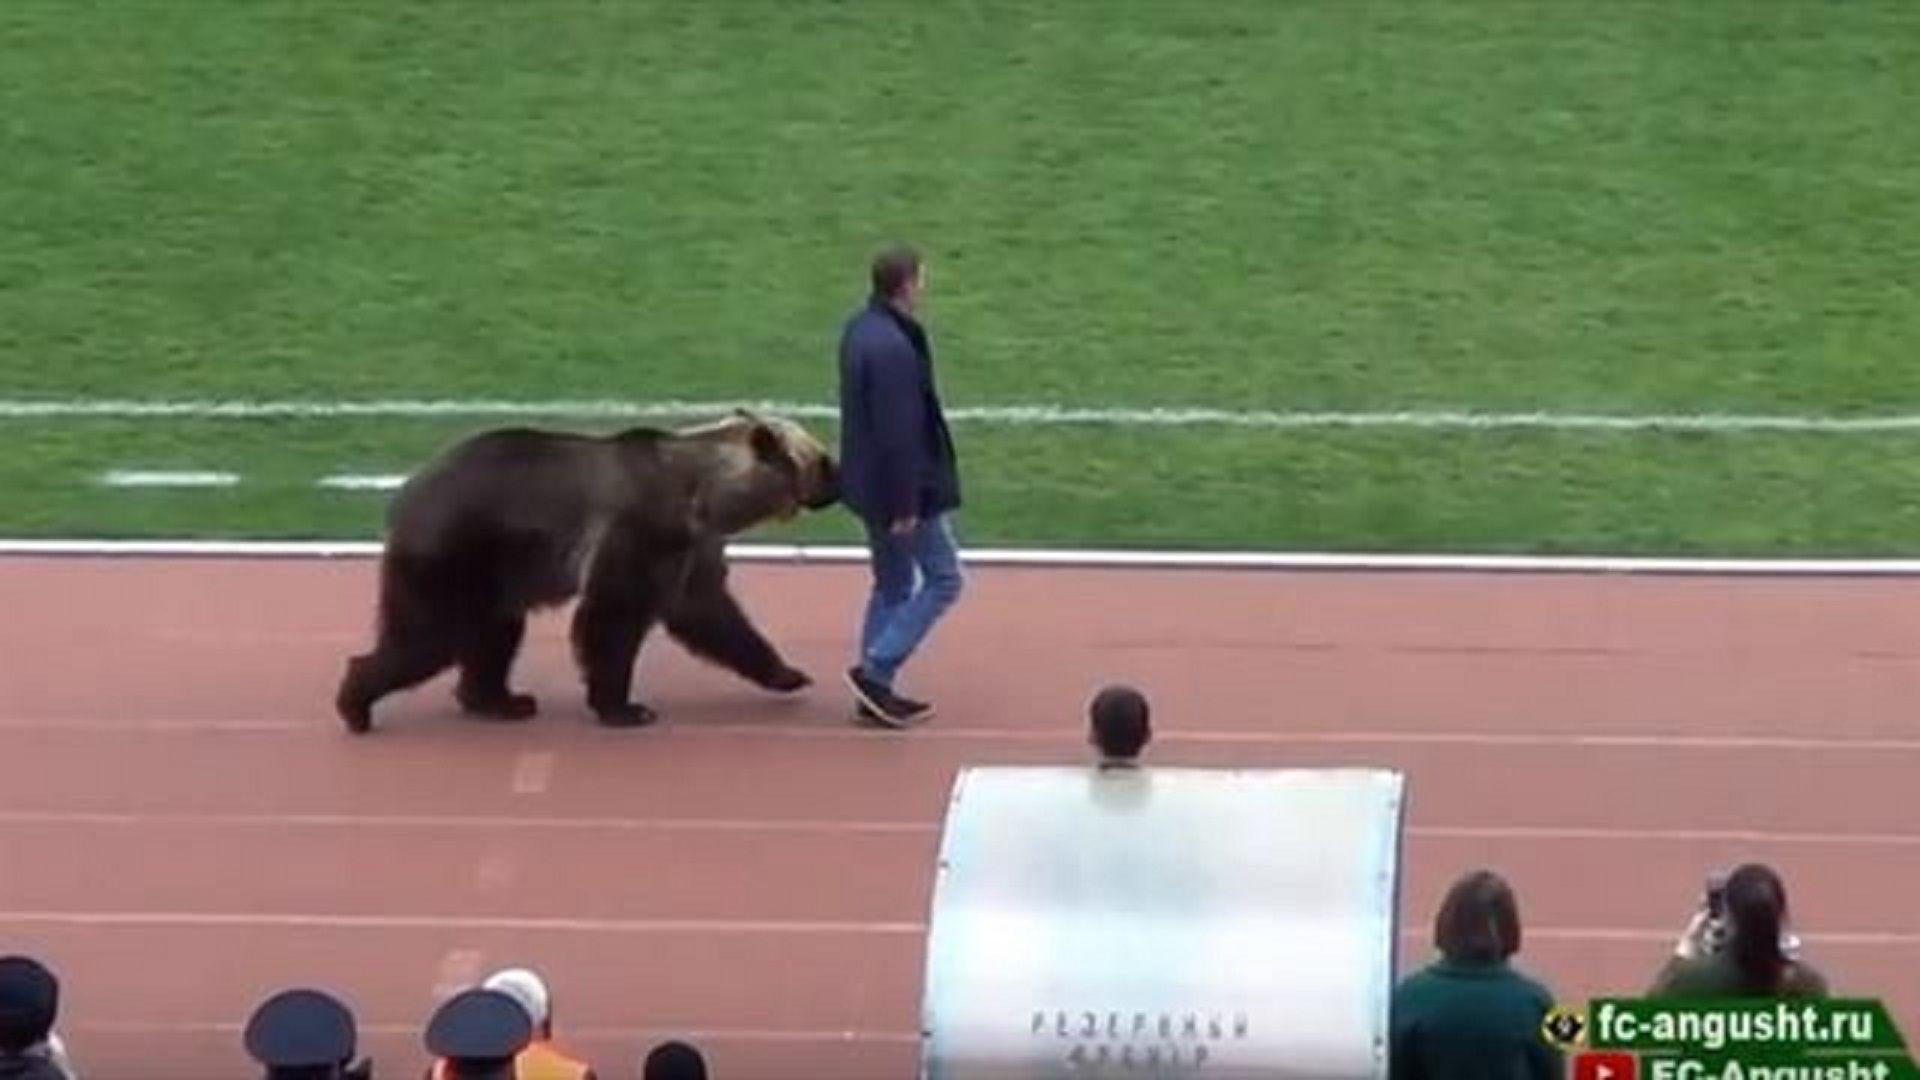 Медведь по кличке Тима открыл матч ПФЛ «Машук-КМВ» — «Ангушт»